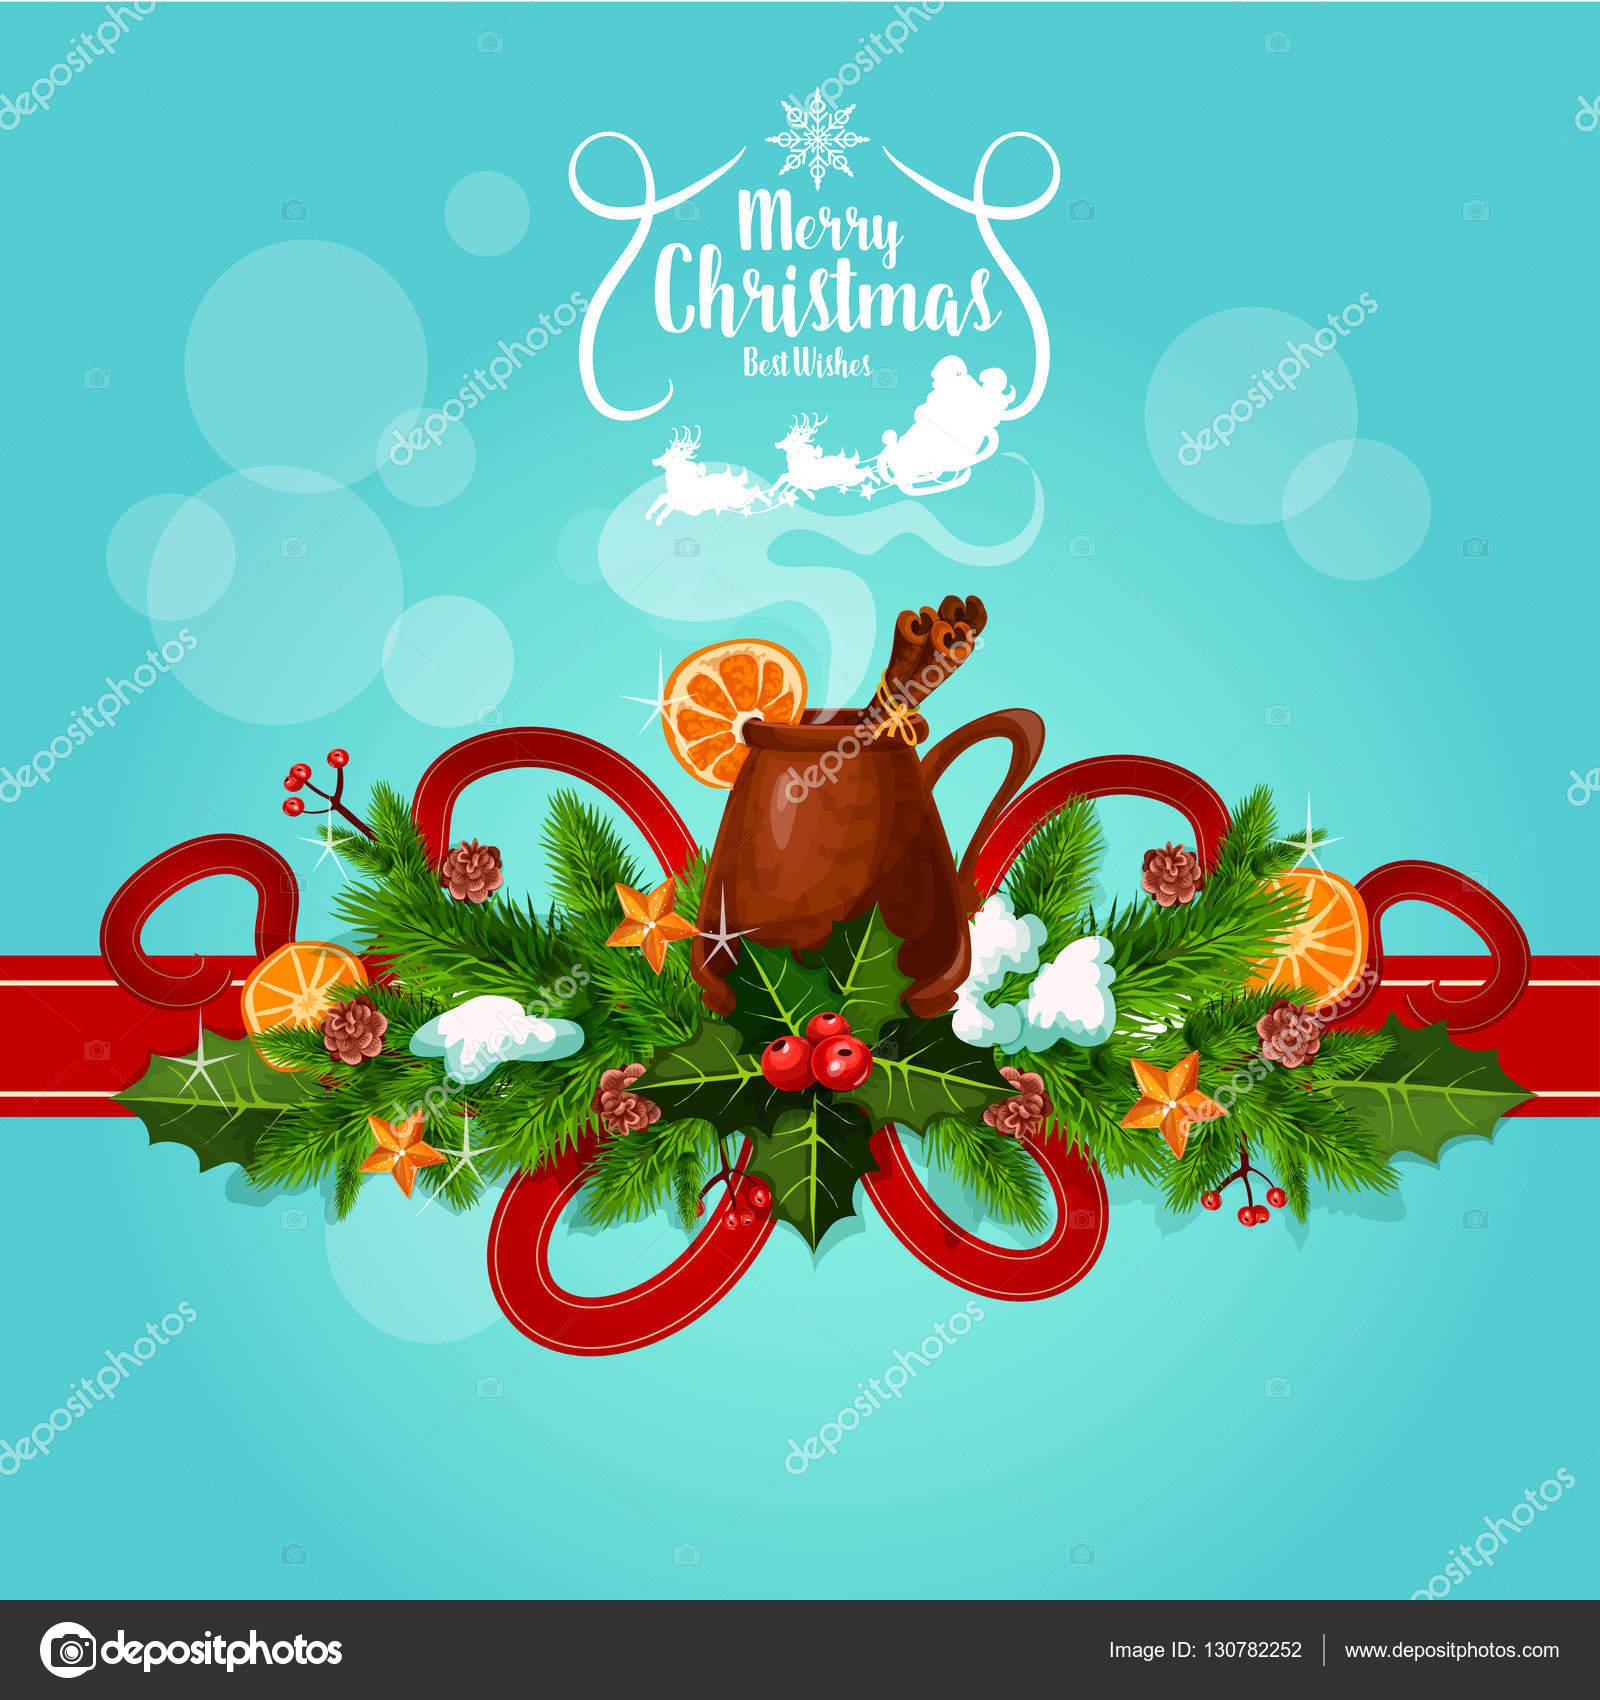 I Migliori Auguri Di Buon Natale.Auguri Di Buon Natale Vin Brule Vino Saluto Vettoriali Stock